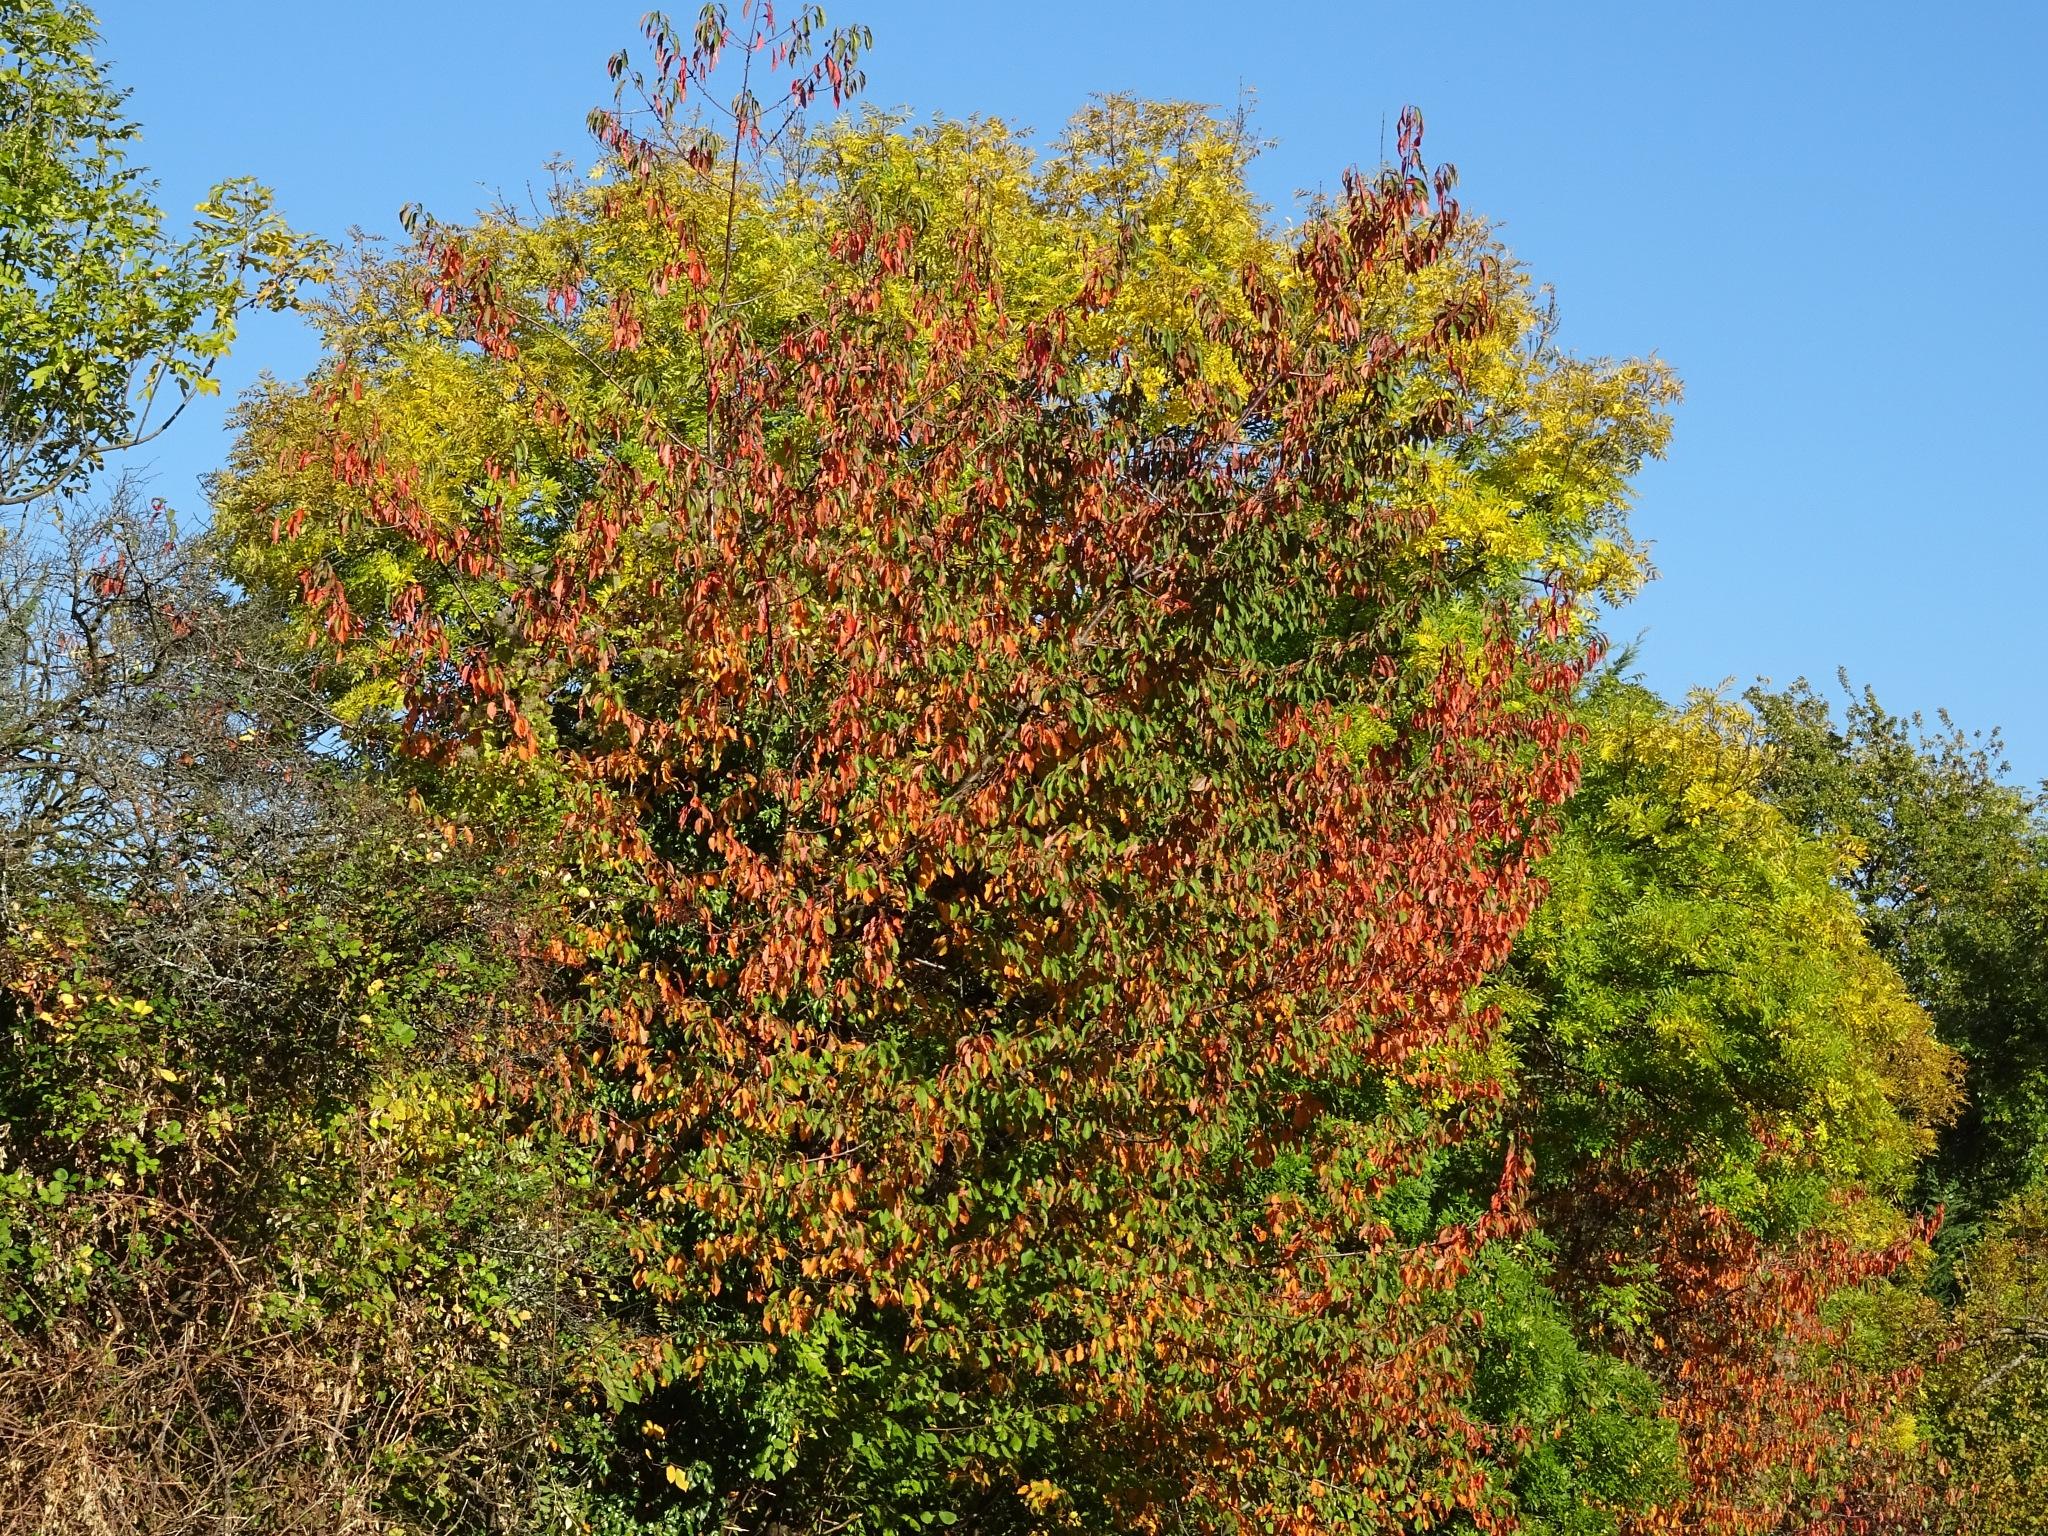 Autumn by Kelisa